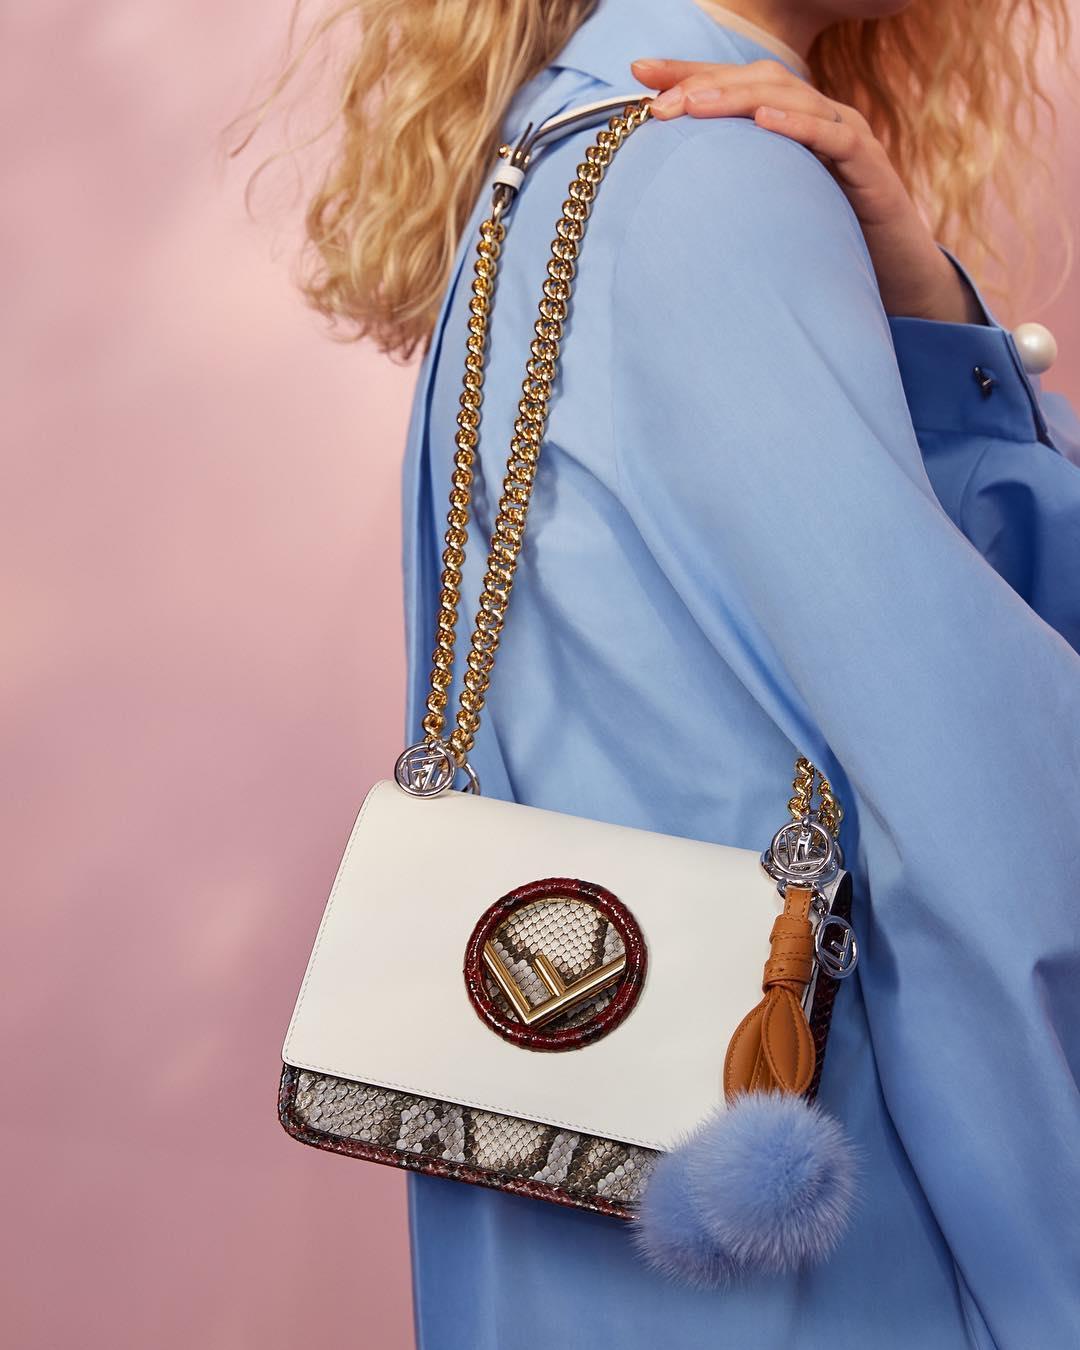 کیف زنانه فندی Accessorize yo